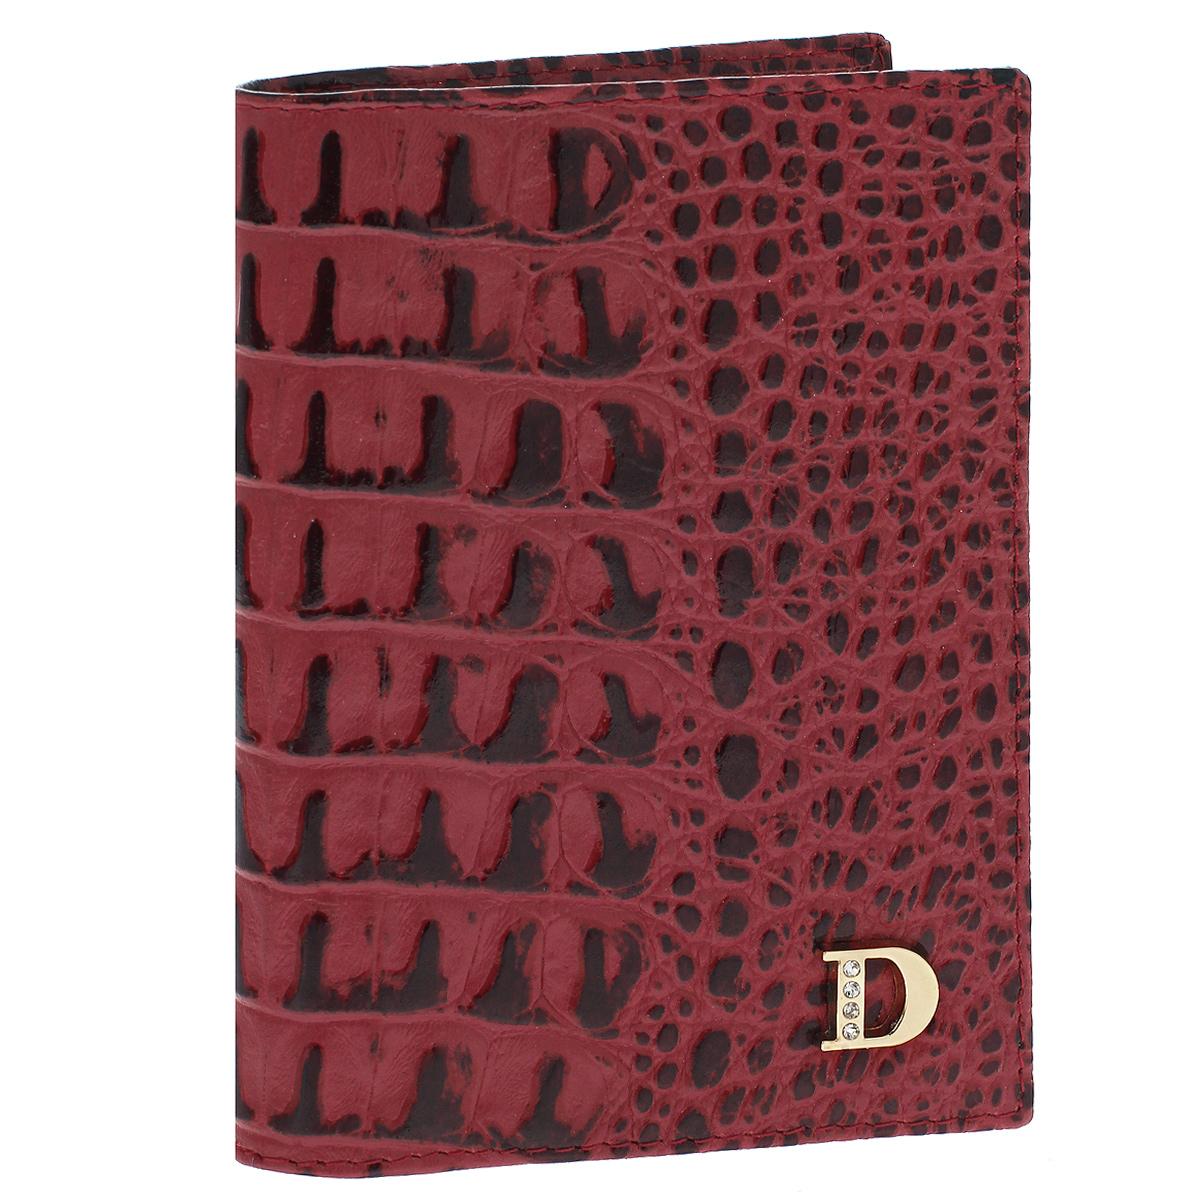 Бумажник водителя Dimanche Loricata Rouge, цвет: красный. 551551Бумажник водителя Dimanche Loricata Rouge изготовлен из натуральной кожи красного цвета с декоративным тиснением под рептилию.Внутри содержится съемный блок из 5 прозрачных пластиковых файлов для автодокументов, 4 прорезных кармашка для пластиковых карт, карман для сим-карты и 2 потайных кармашка для мелких бумаг. Стильный бумажник не только защитит ваши документы, но и станет стильным аксессуаром, подчеркивающим ваш образ. Изделие упаковано в фирменную коробку коричневого цвета с логотипом фирмы Dimanche. Характеристики:Материал: натуральная кожа, текстиль, пластик. Цвет: красный. Размер бумажника (ДхШхВ): 9,5 см х 13,5 см х 1,5 см.